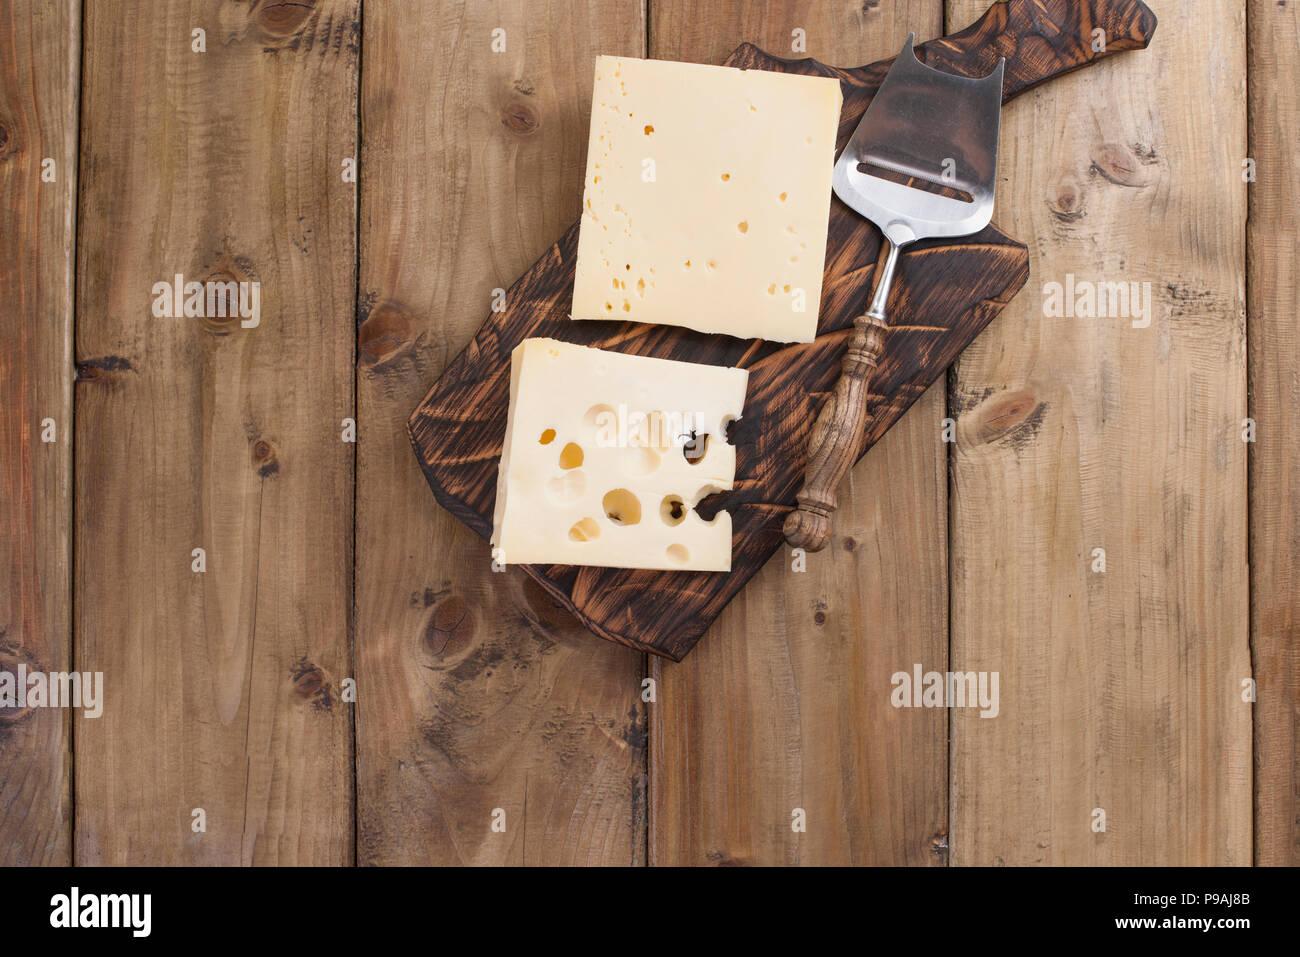 Fromage avec des trous sur une vieille planche en bois et fromage pétrir. Vintage photo. Les produits laitiers. Espace libre pour le texte. Copy space Photo Stock